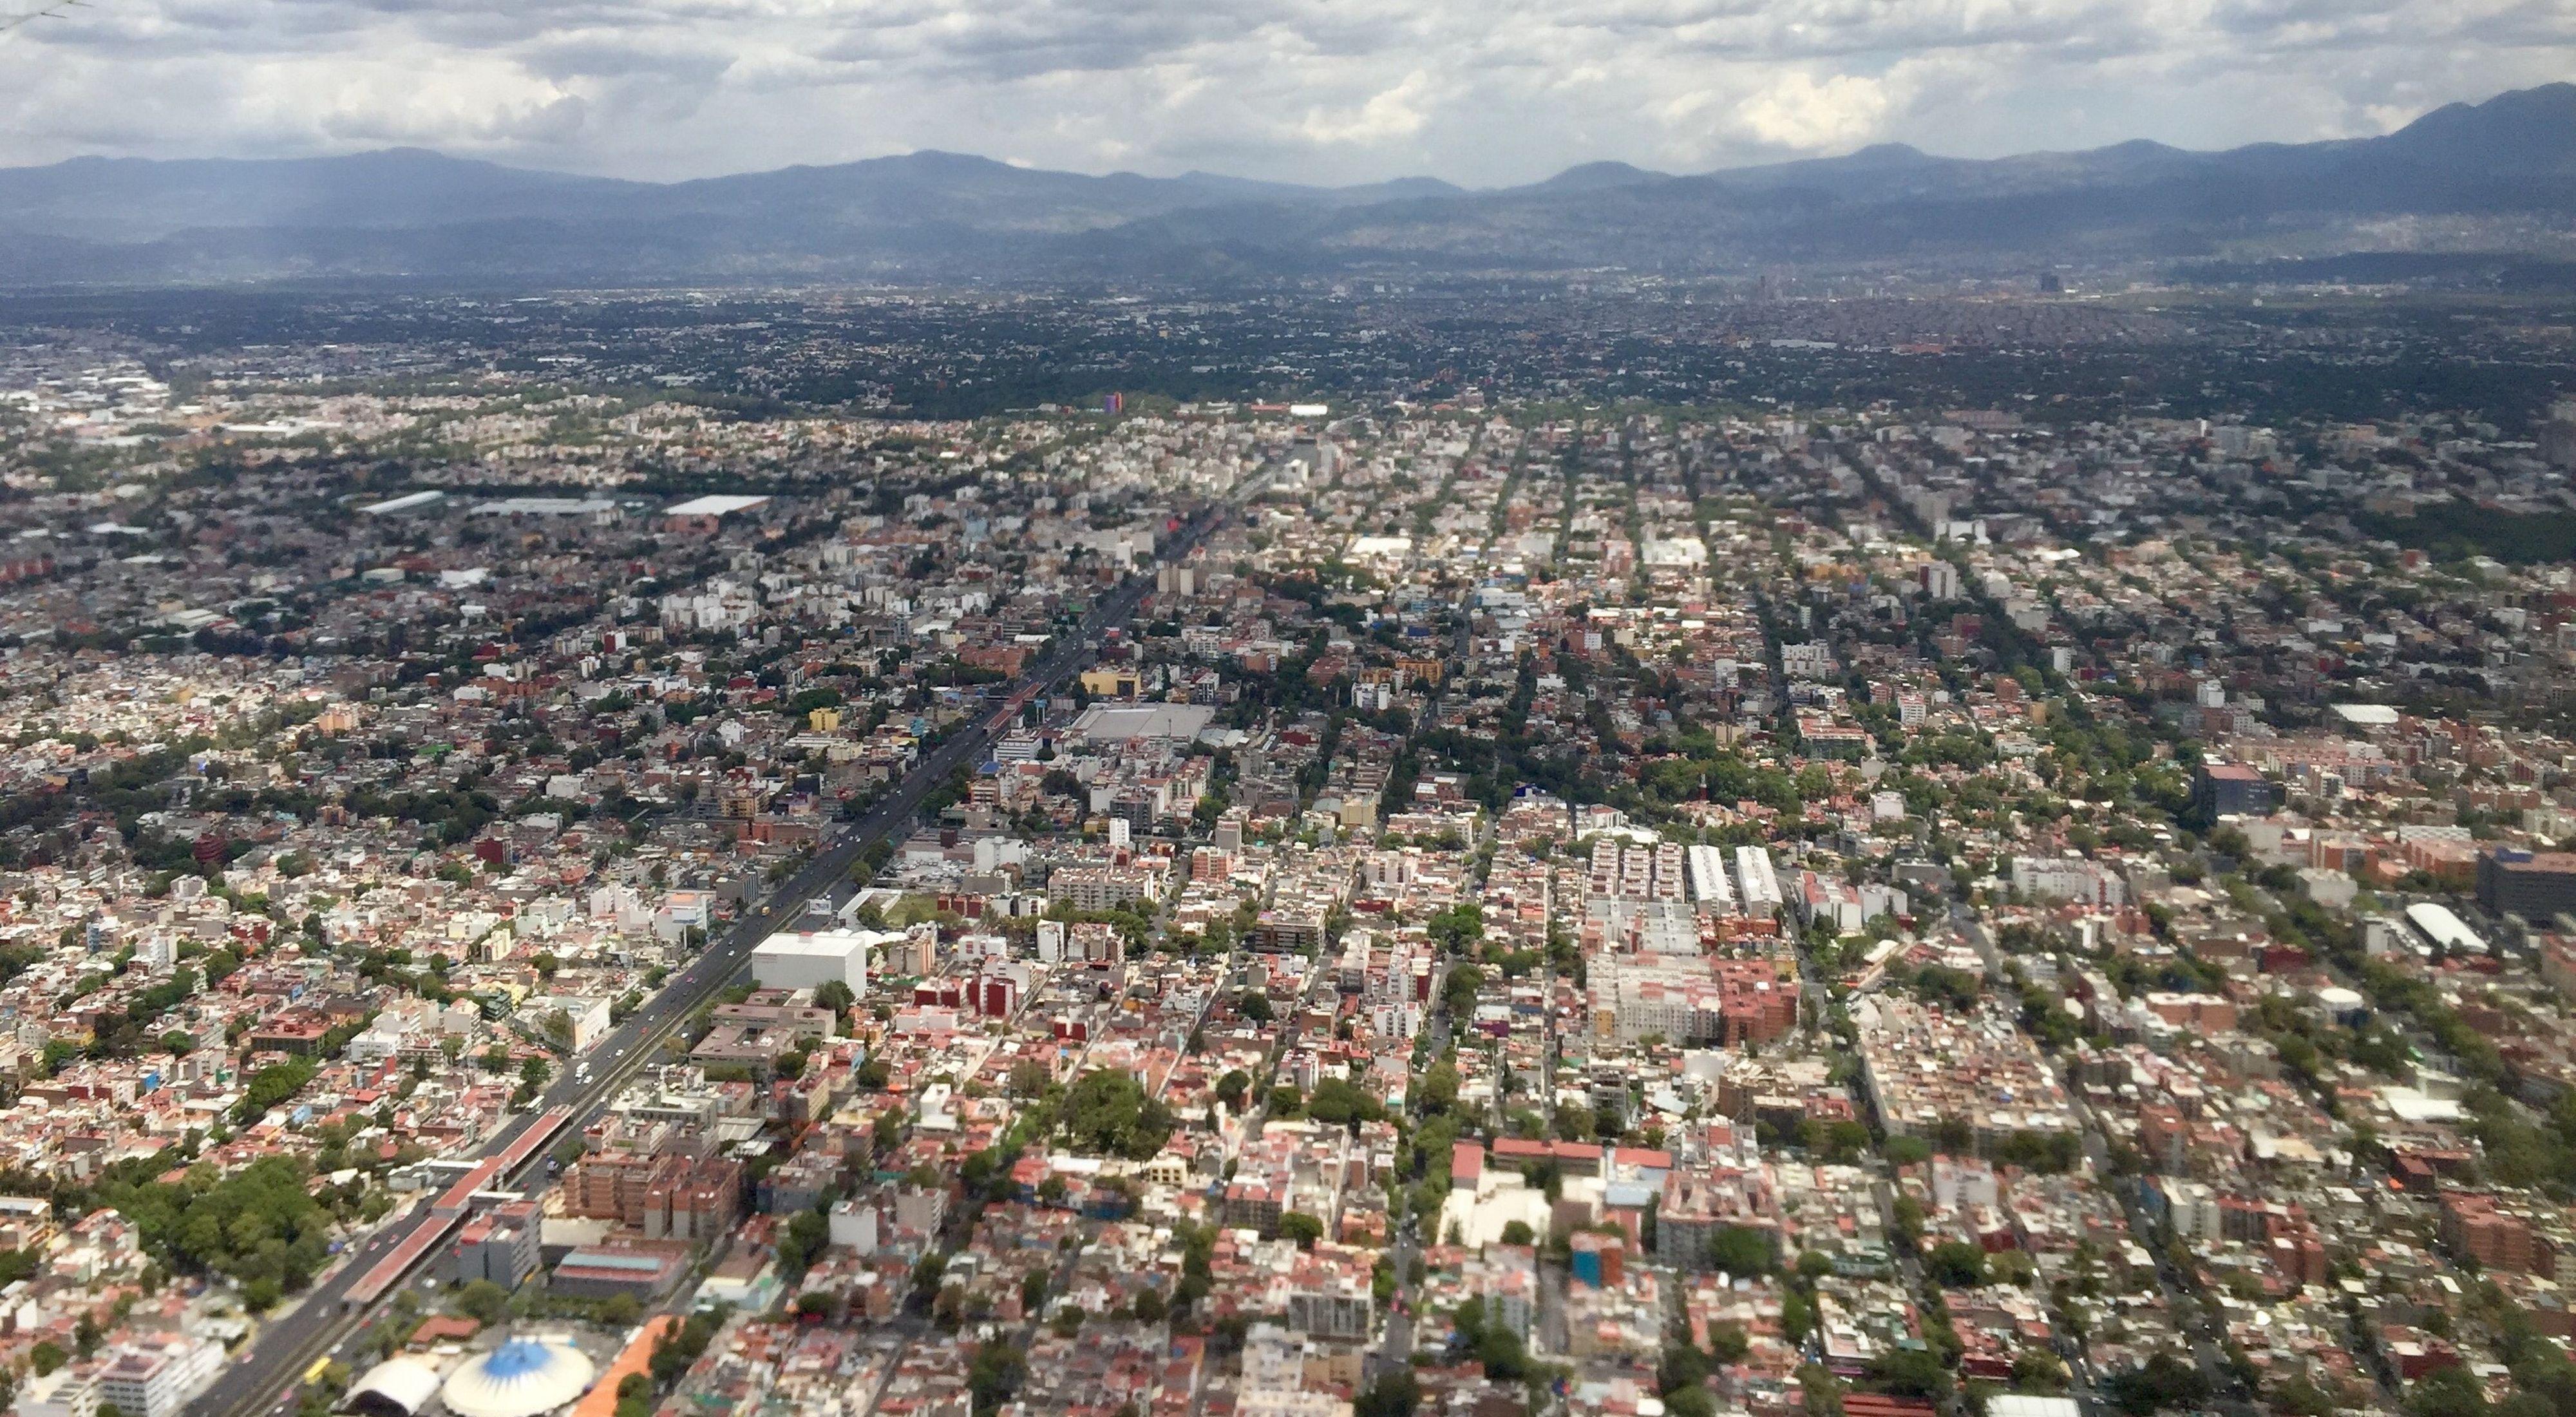 Vista área de la ciudad de México